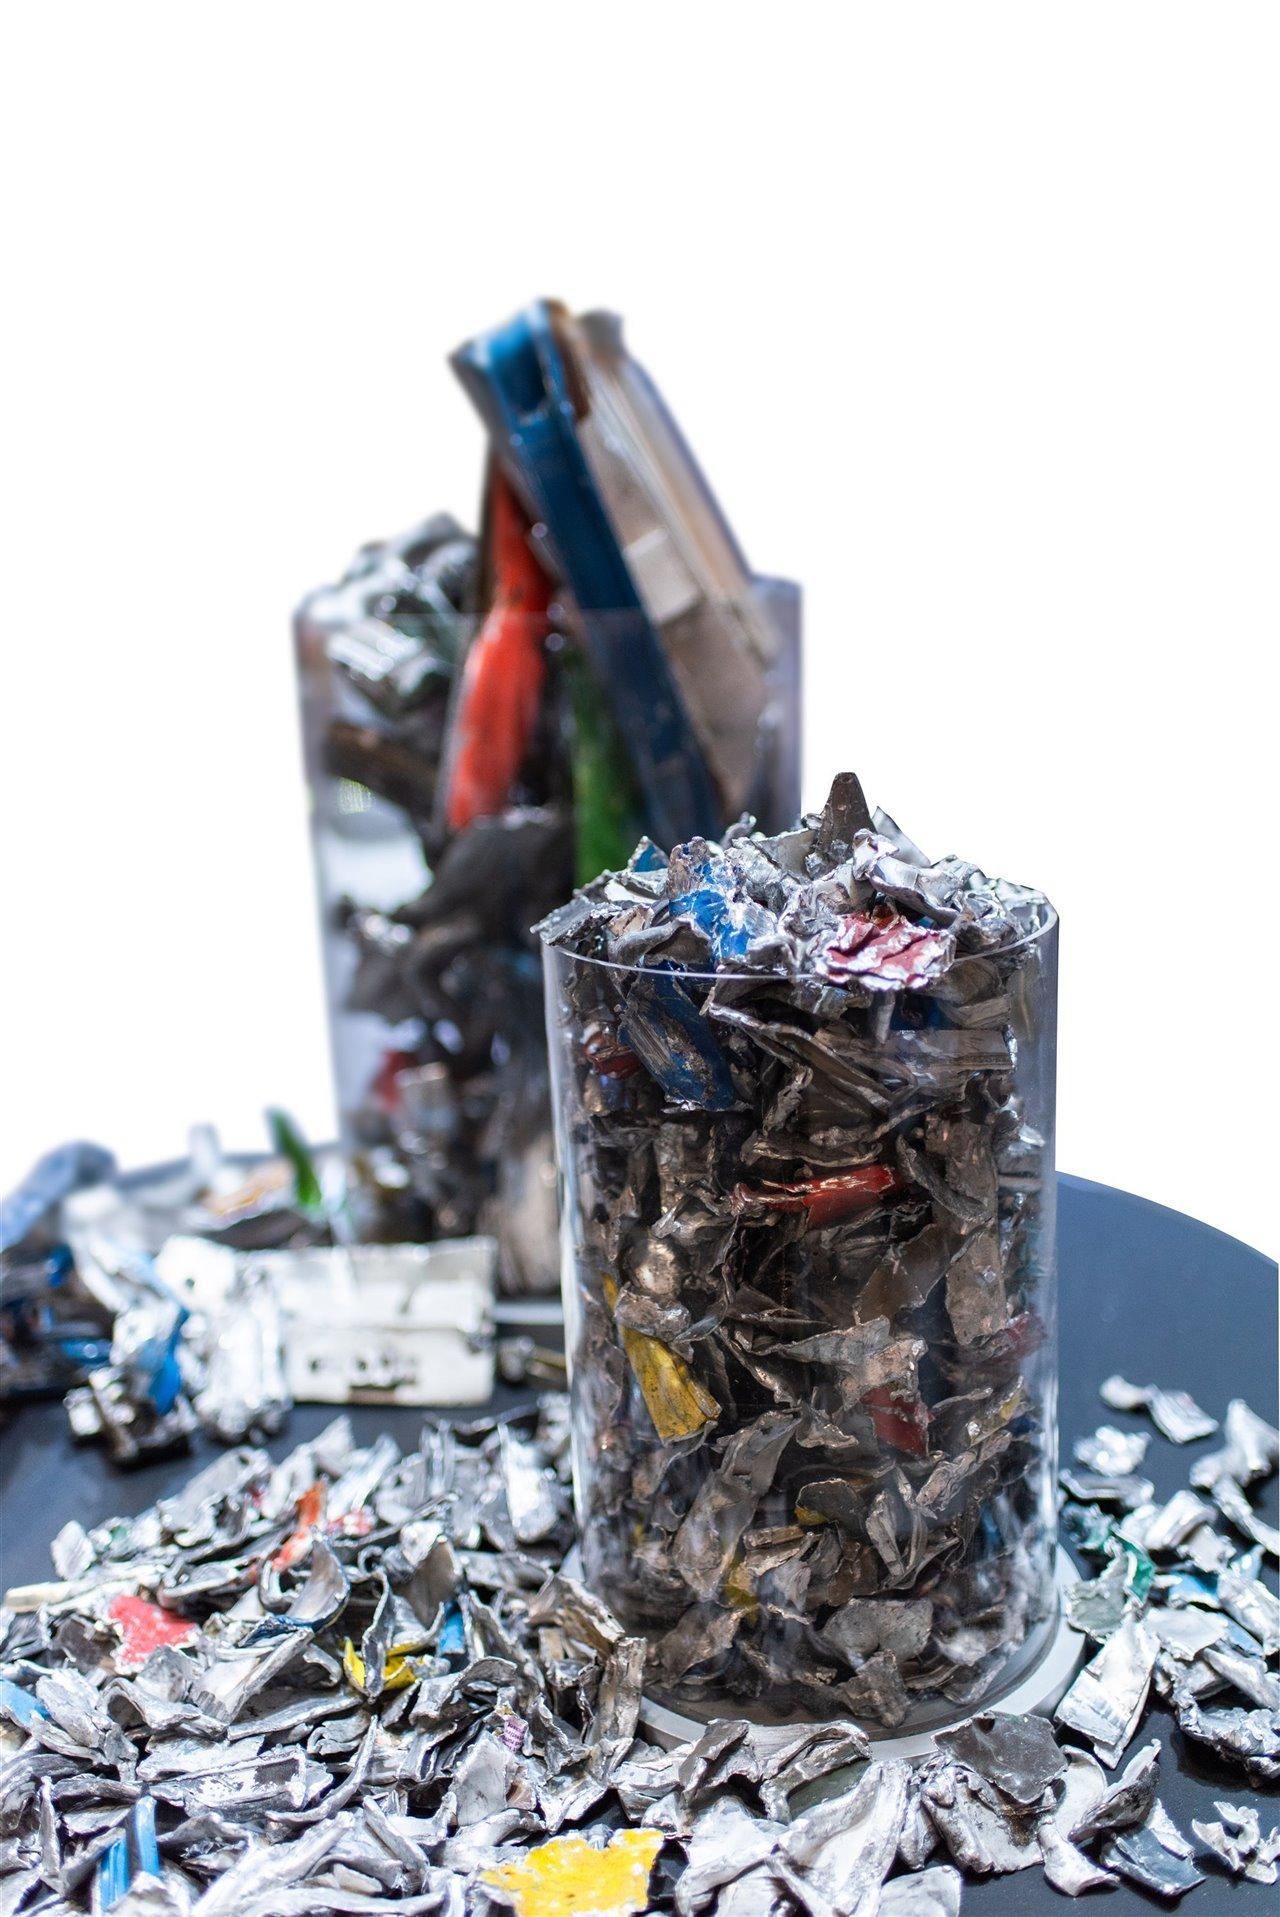 Ya puedes tener ventanas de aluminio reciclado en casa gracias a Technal